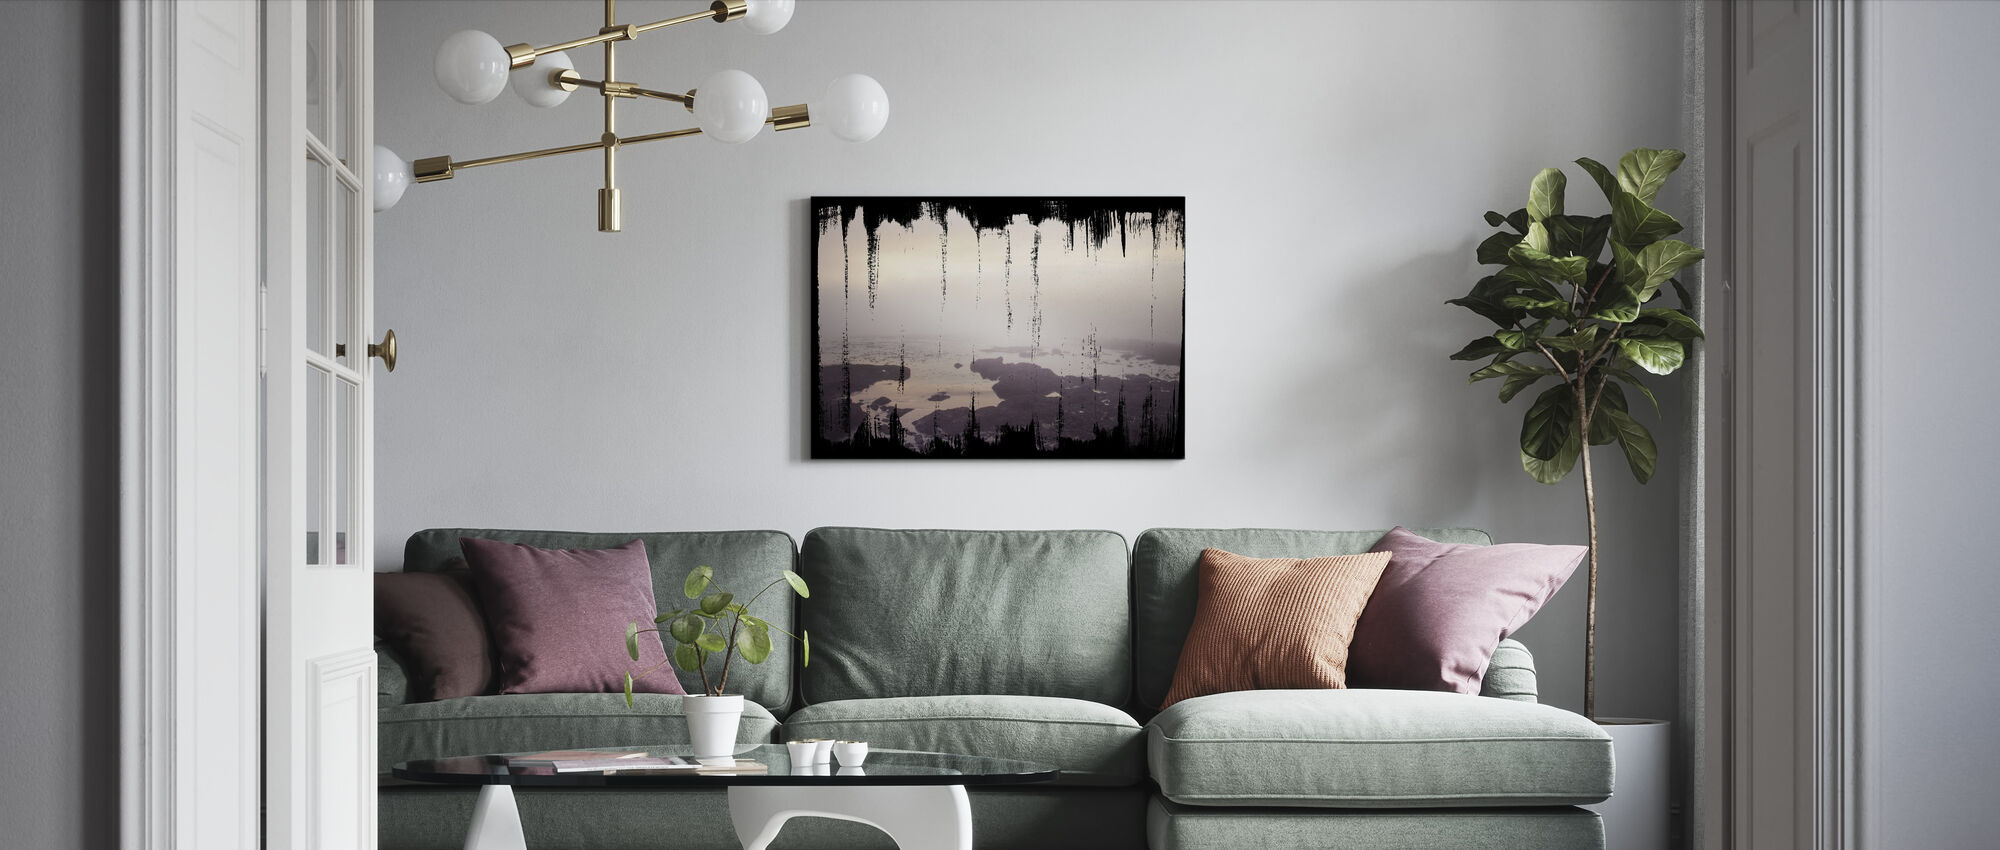 Painted Seaside I on Black - Canvas print - Living Room